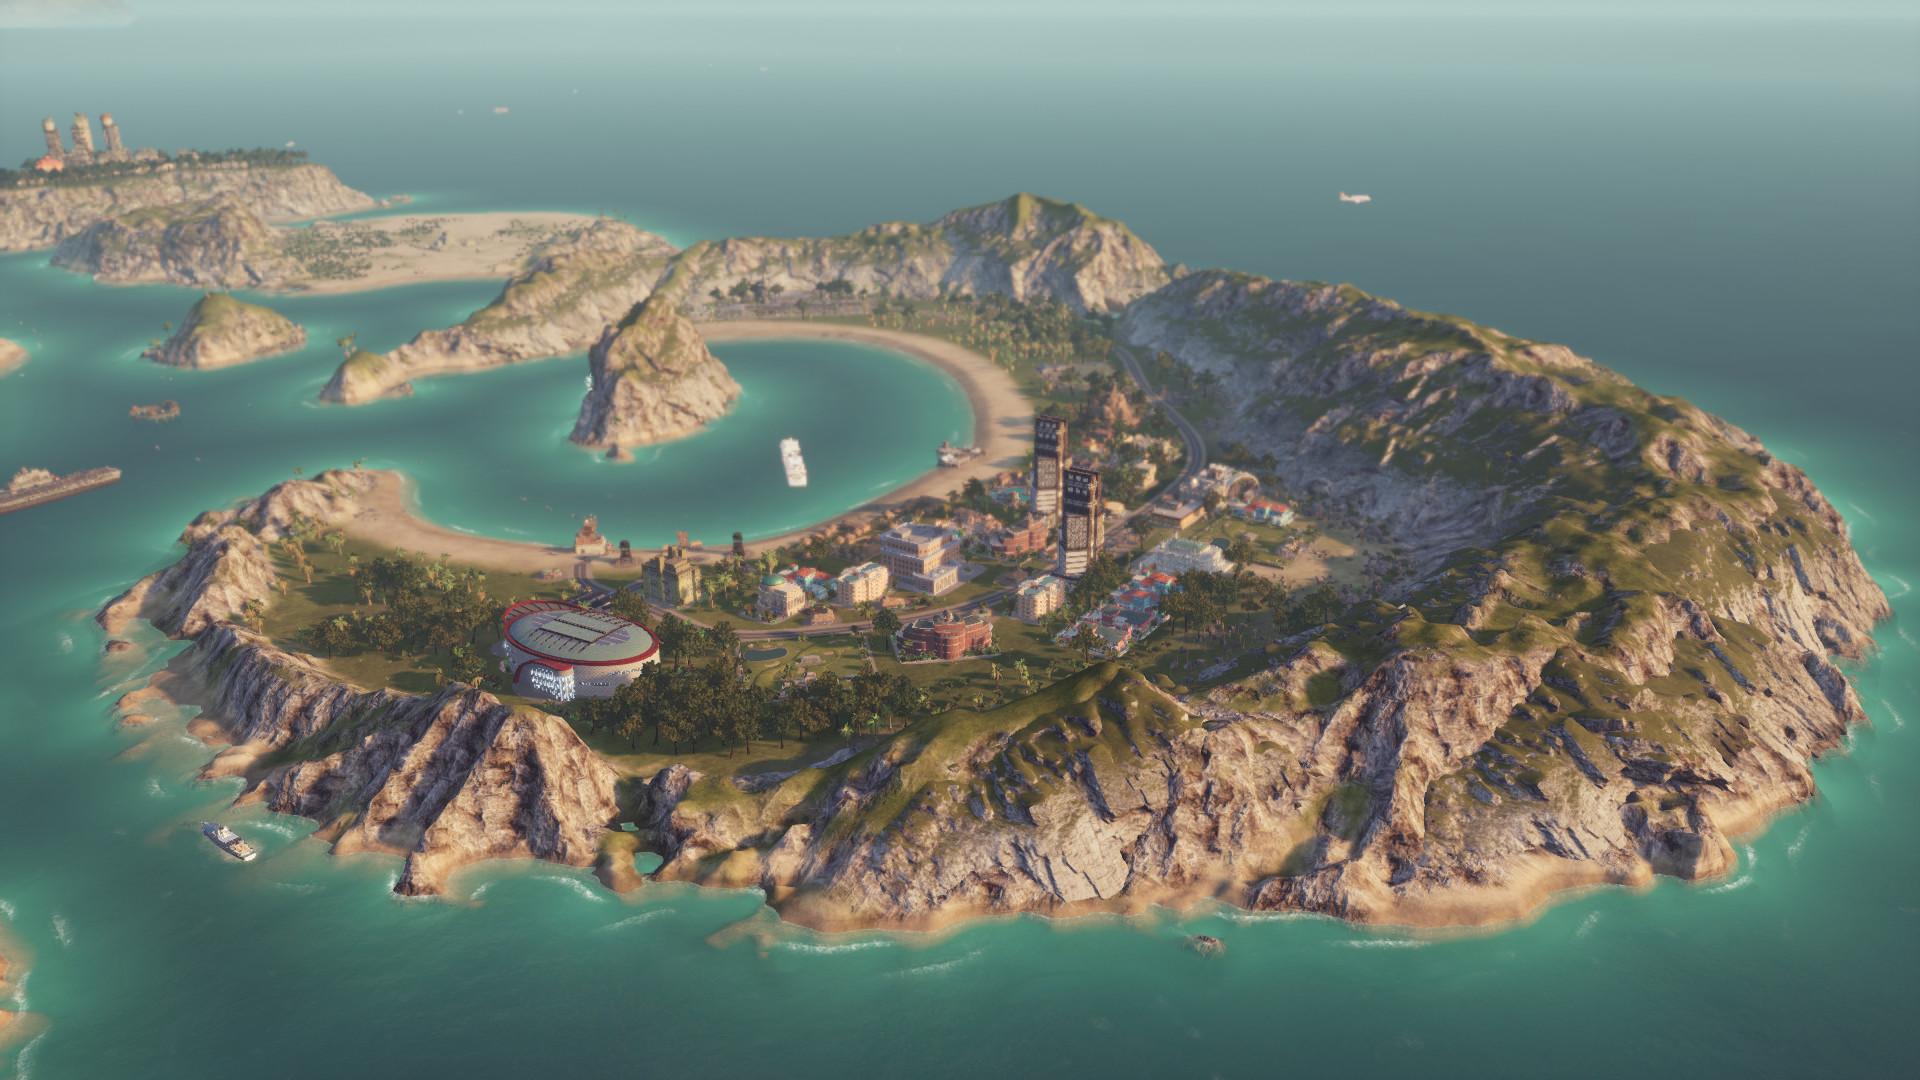 Tropico 6 delayed to March 29